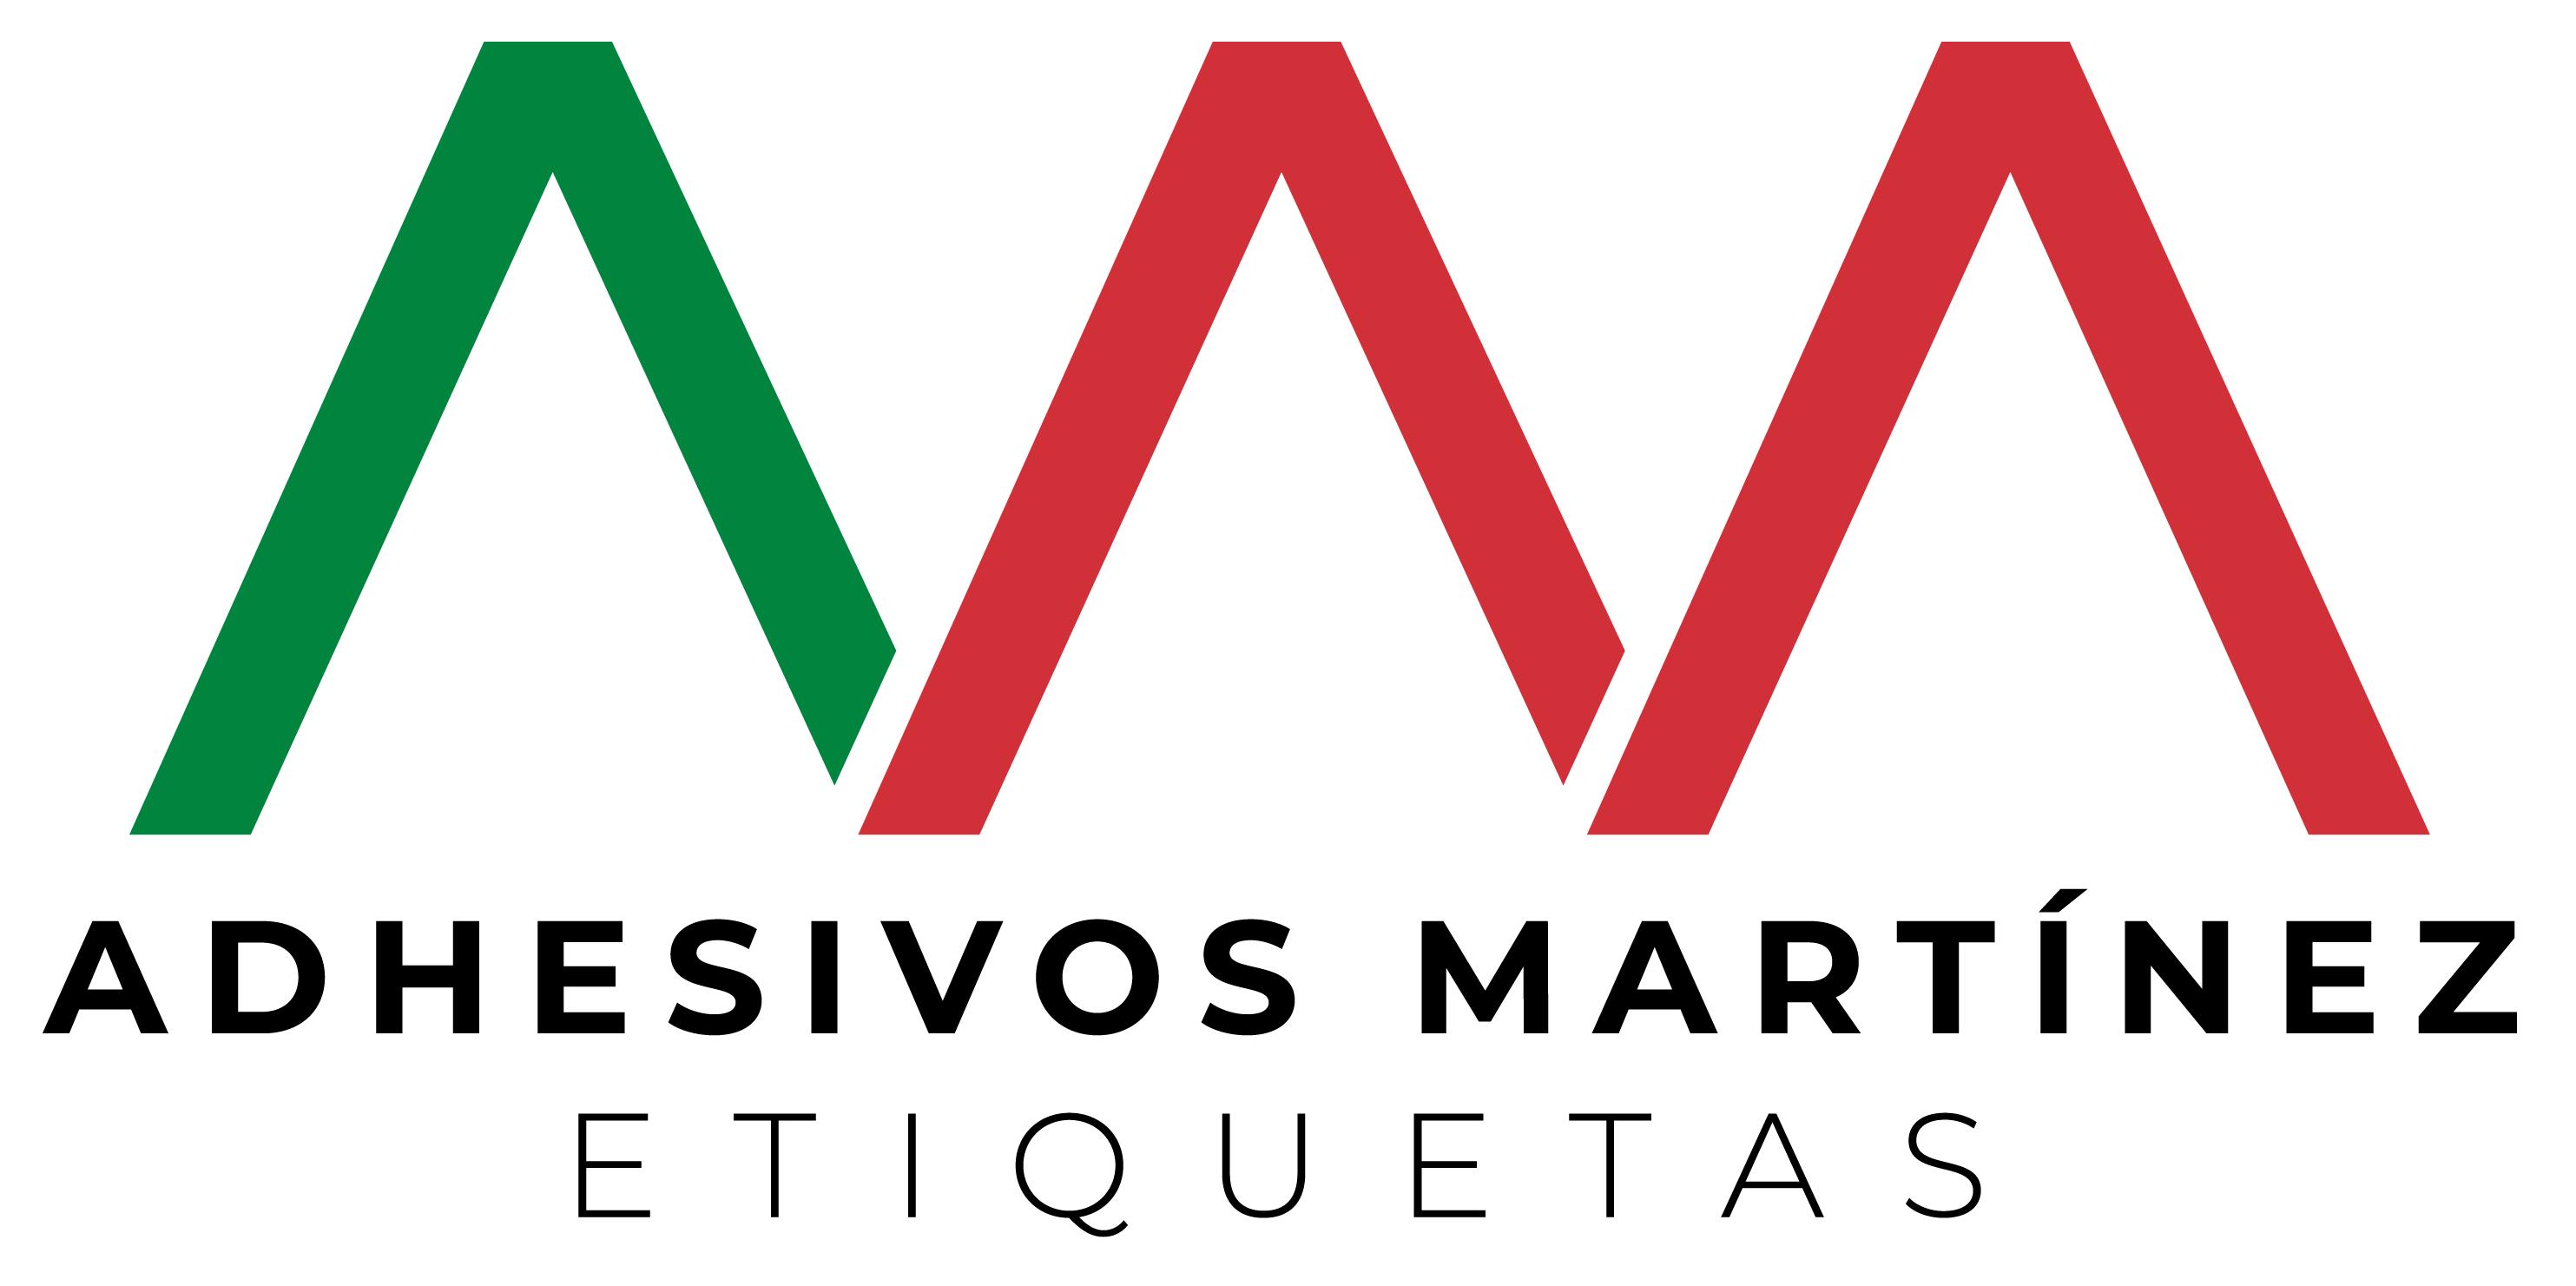 Etiquetas adhesivas Adhesivos Martínez